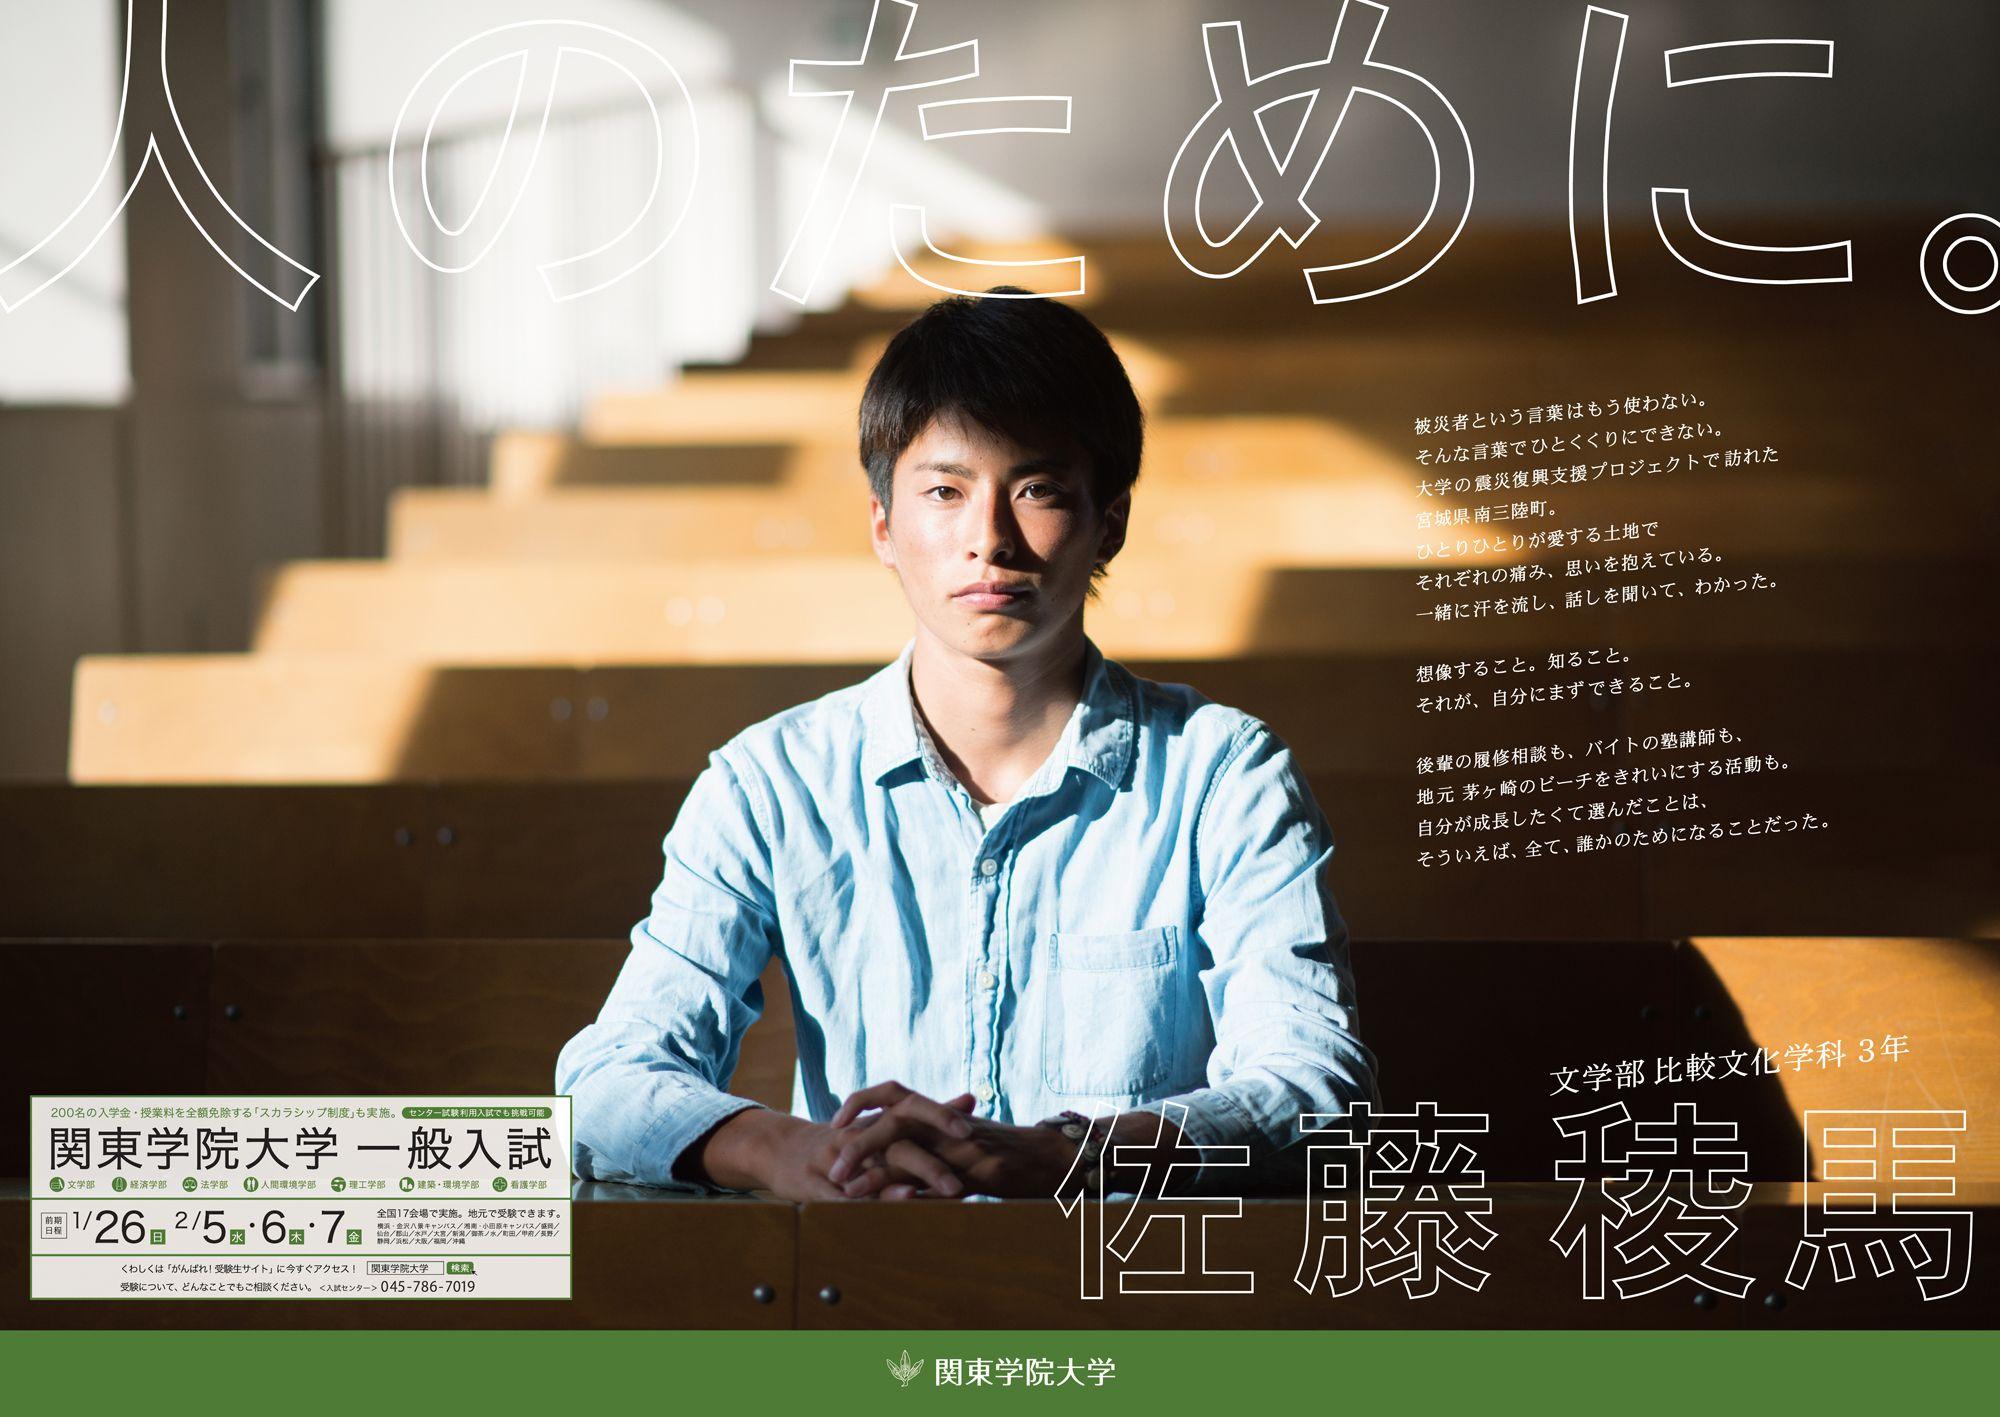 入試 関東 学院 大学